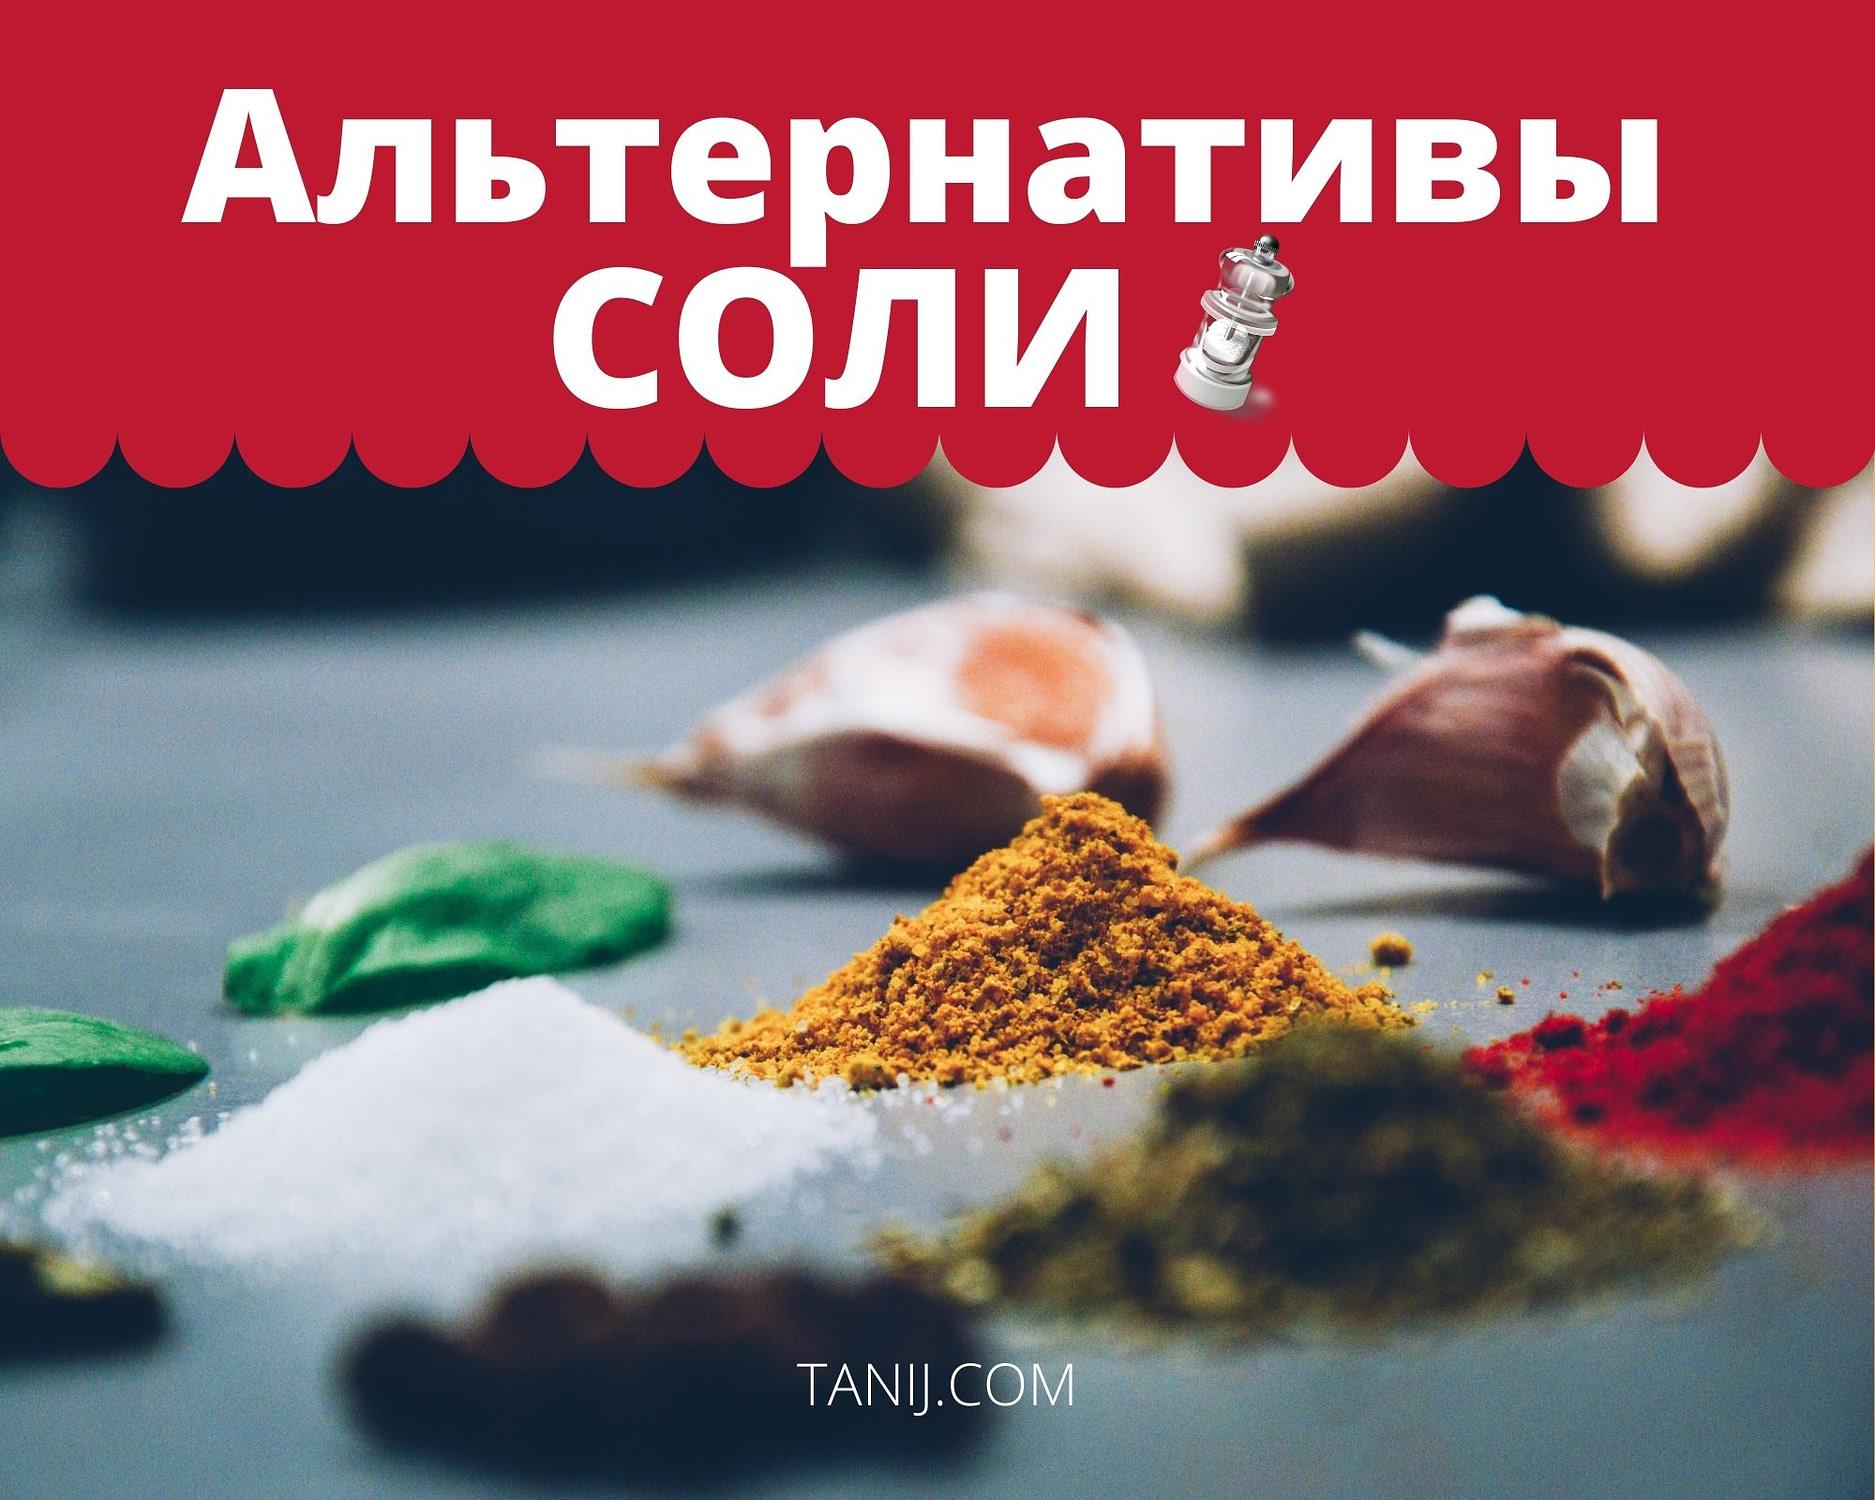 чем заменить соль. альтернативы соли. почему нельзя соль, так ли вредна соль, хлорид натрия